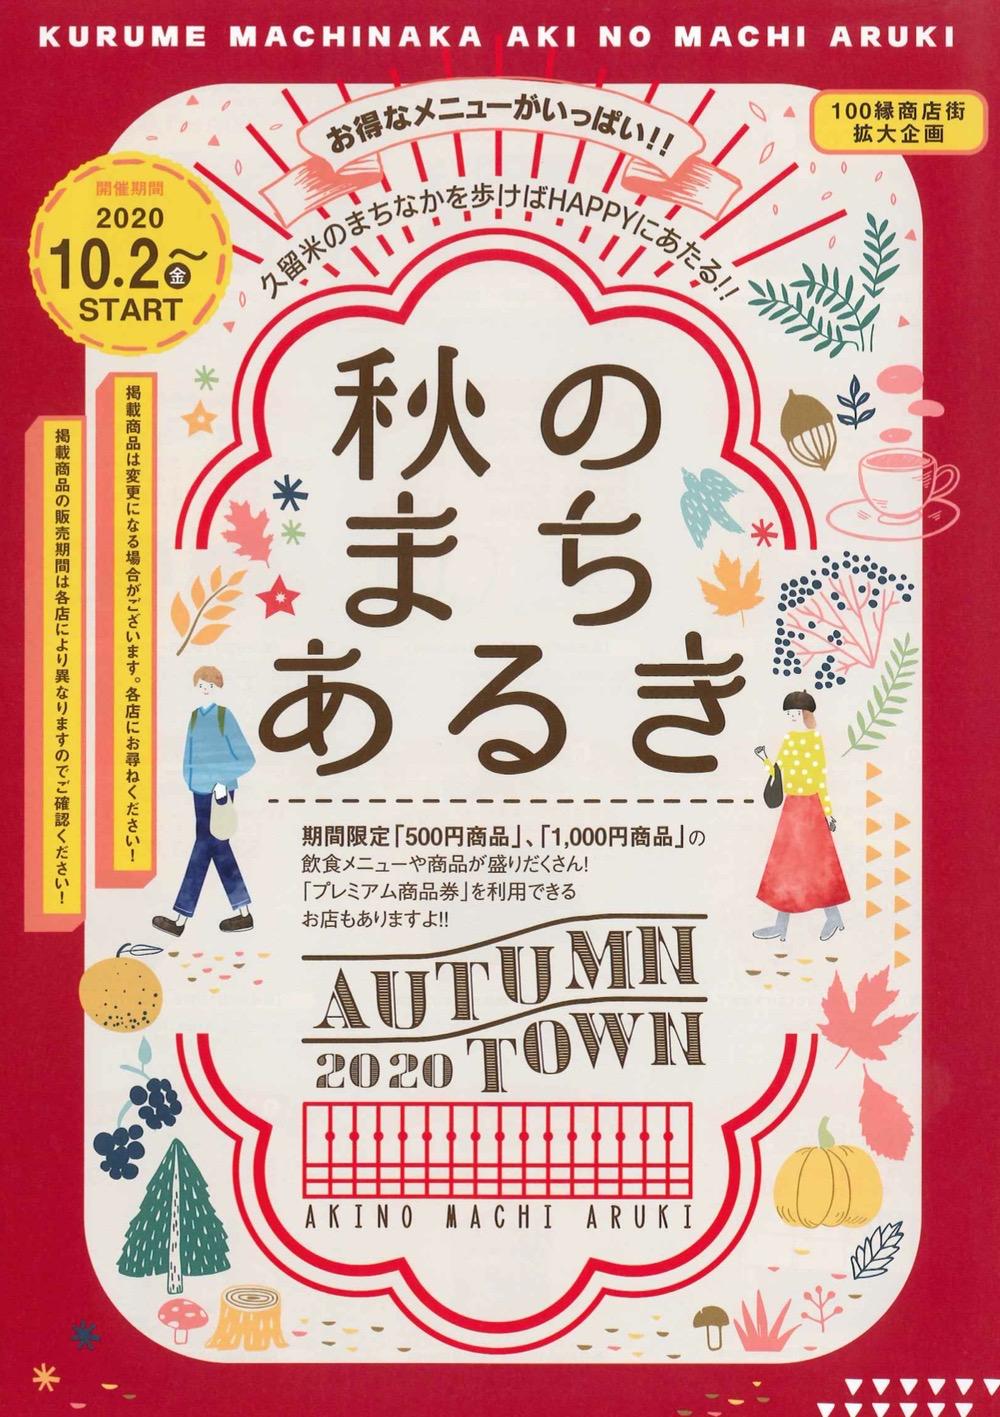 久留米「秋のまちあるき」期間限定の500円商品や1000円商品が盛りだくさん!